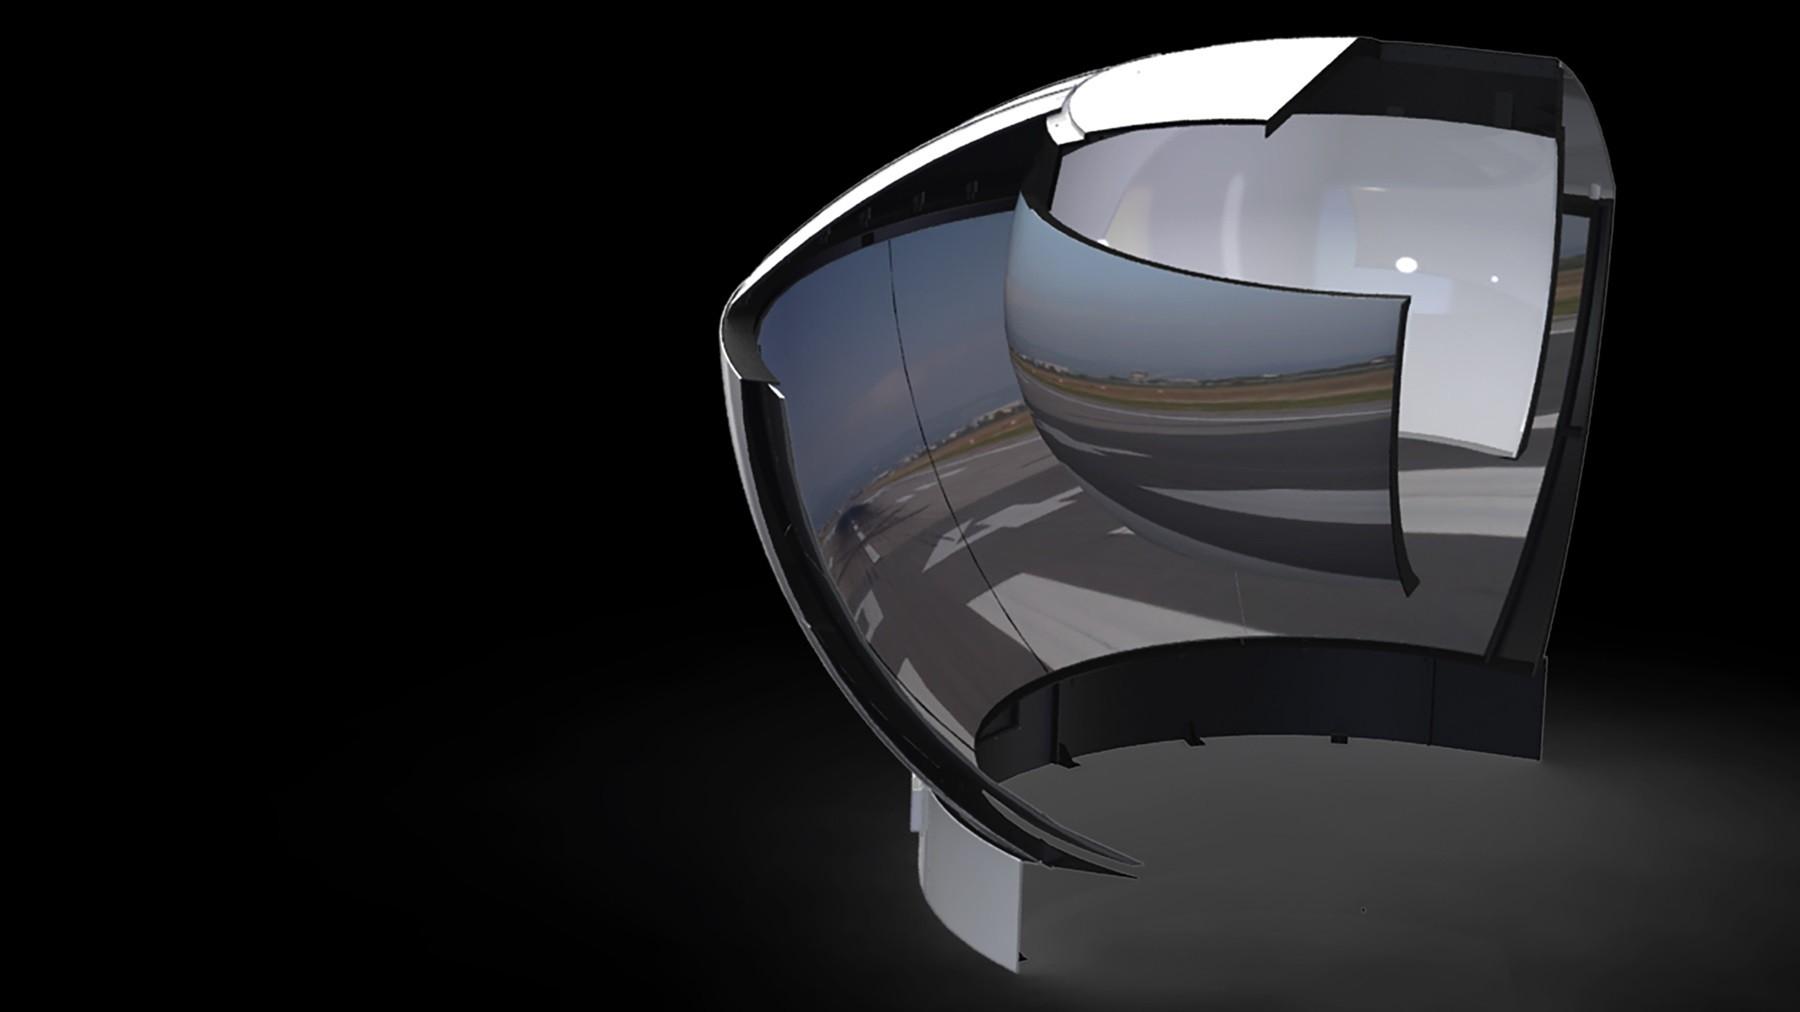 柯林斯公司推出新型Panorama™HiLite全景镜面显示器